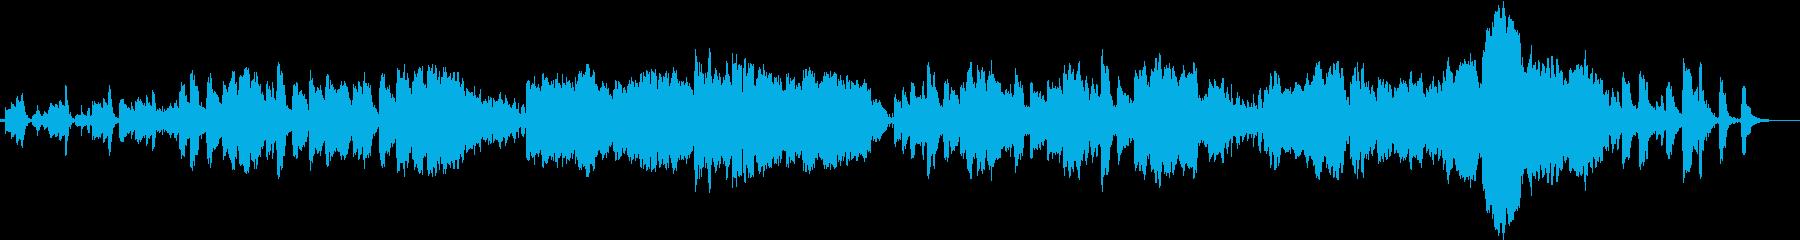 楽しげなクラリネットメインの小編成曲の再生済みの波形